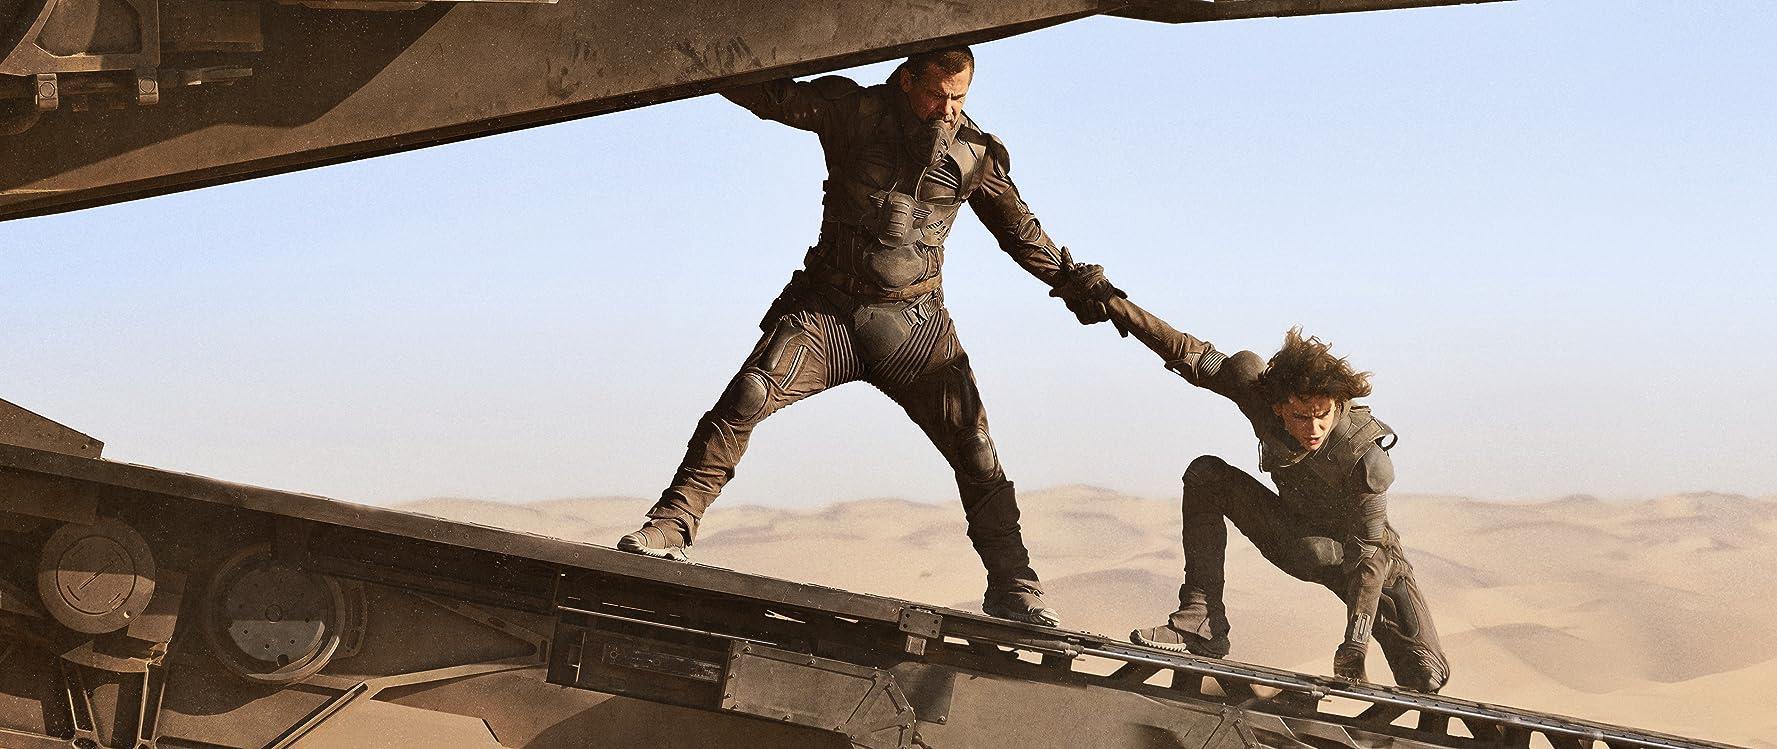 Josh Brolin and Timothée Chalamet in Dune (2020)